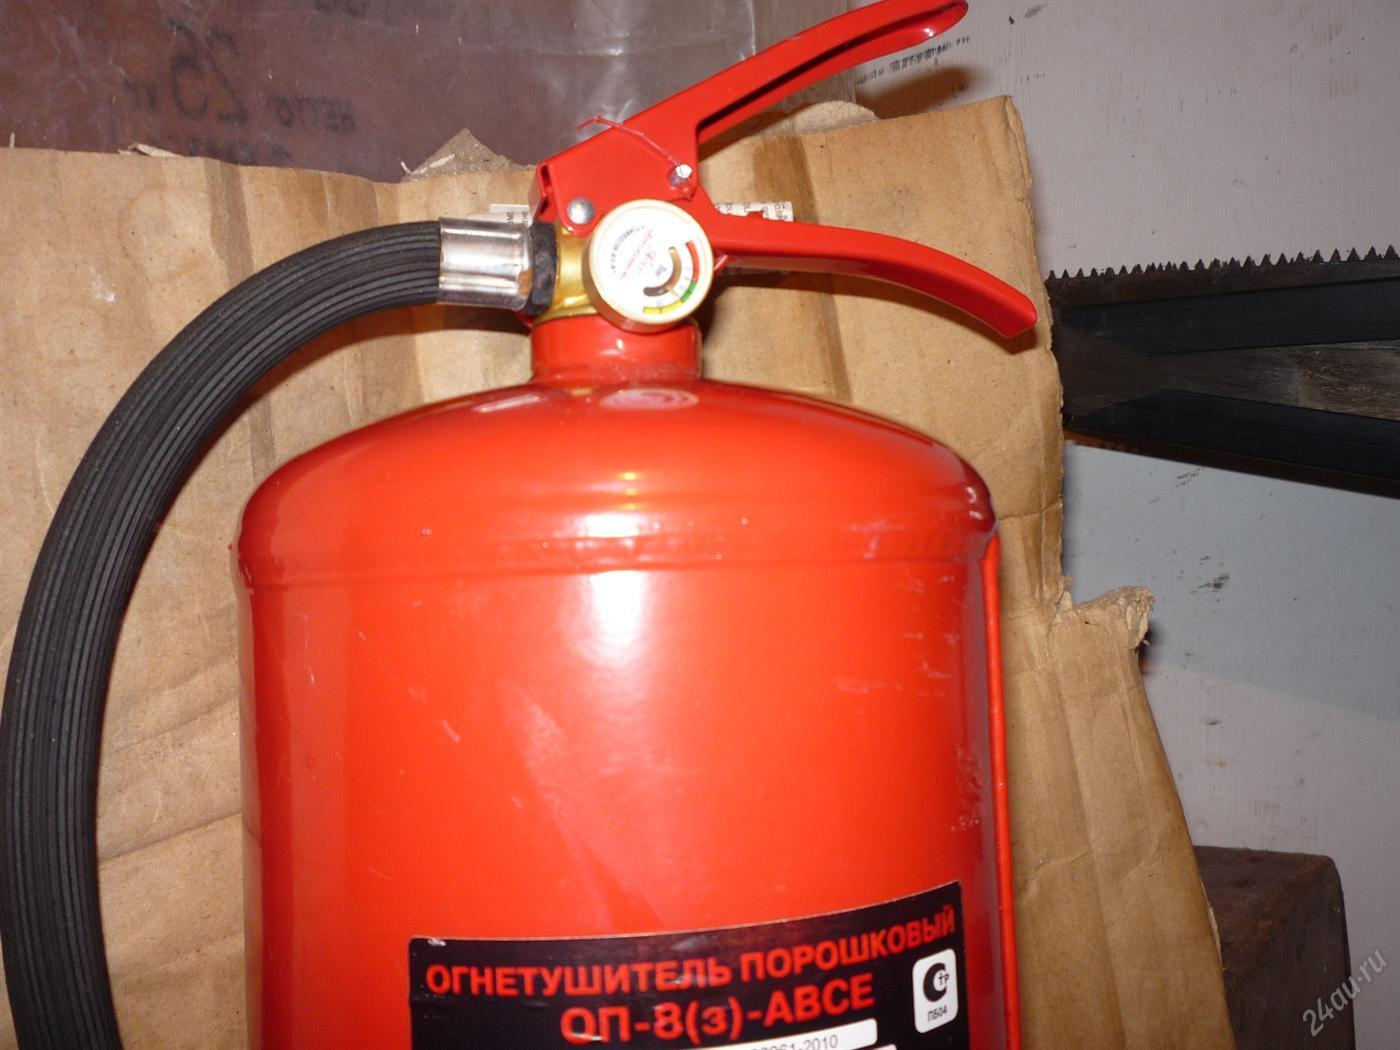 огнетушитель оп 8